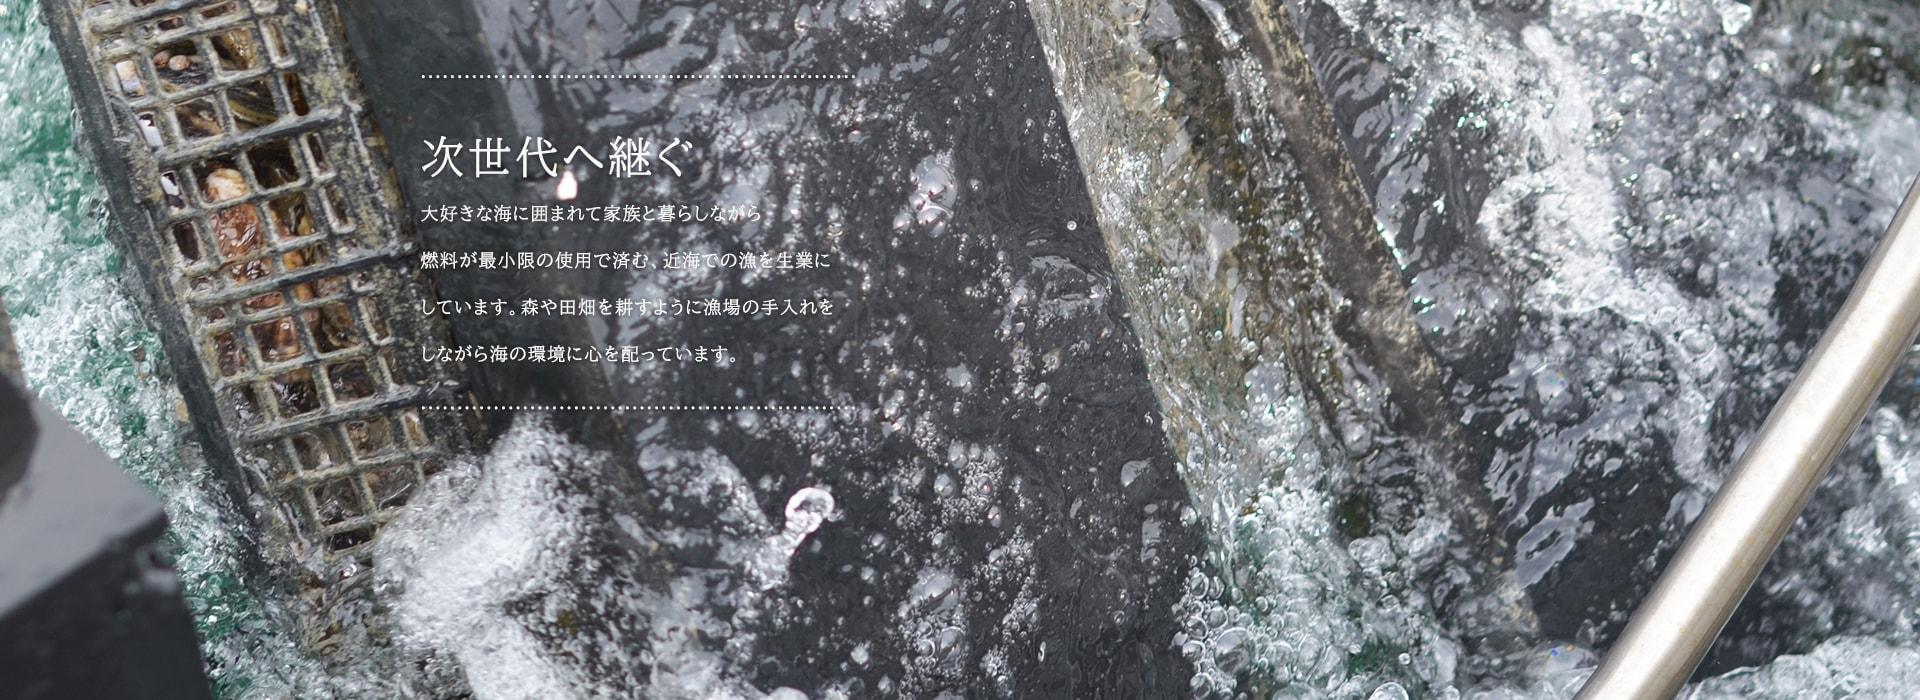 大入島オイスター/OONYUJIMA OYSTERの新栄丸